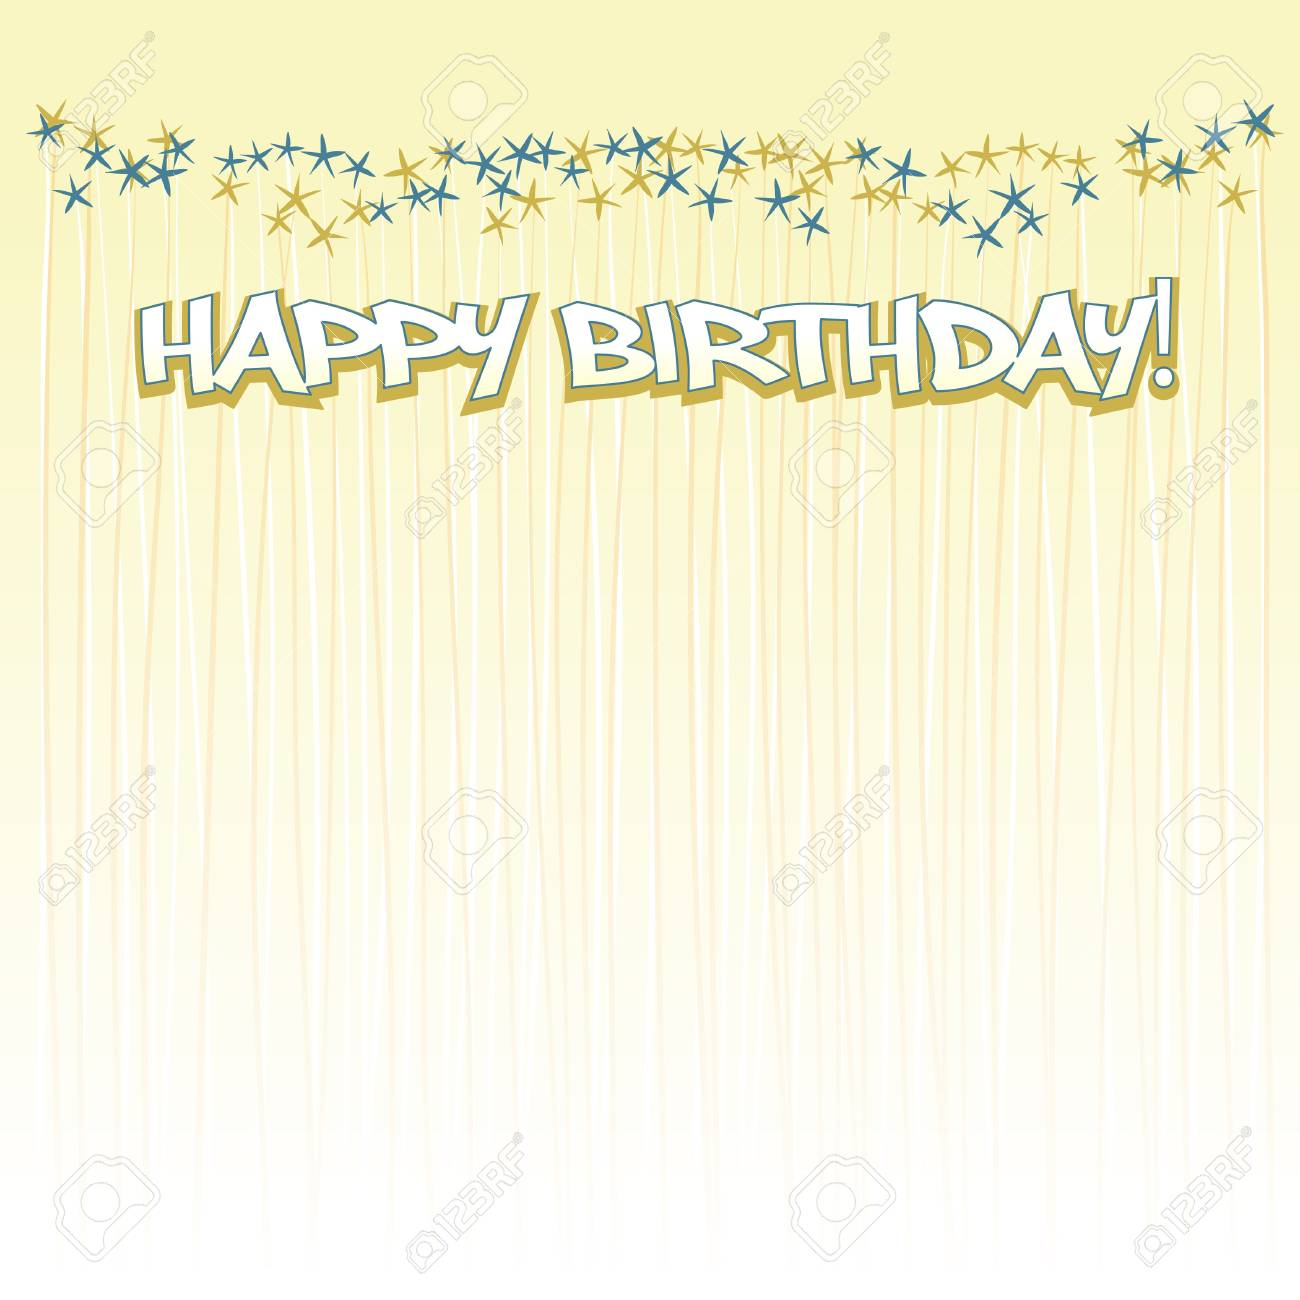 happy birthday background Stock Vector - 9654938